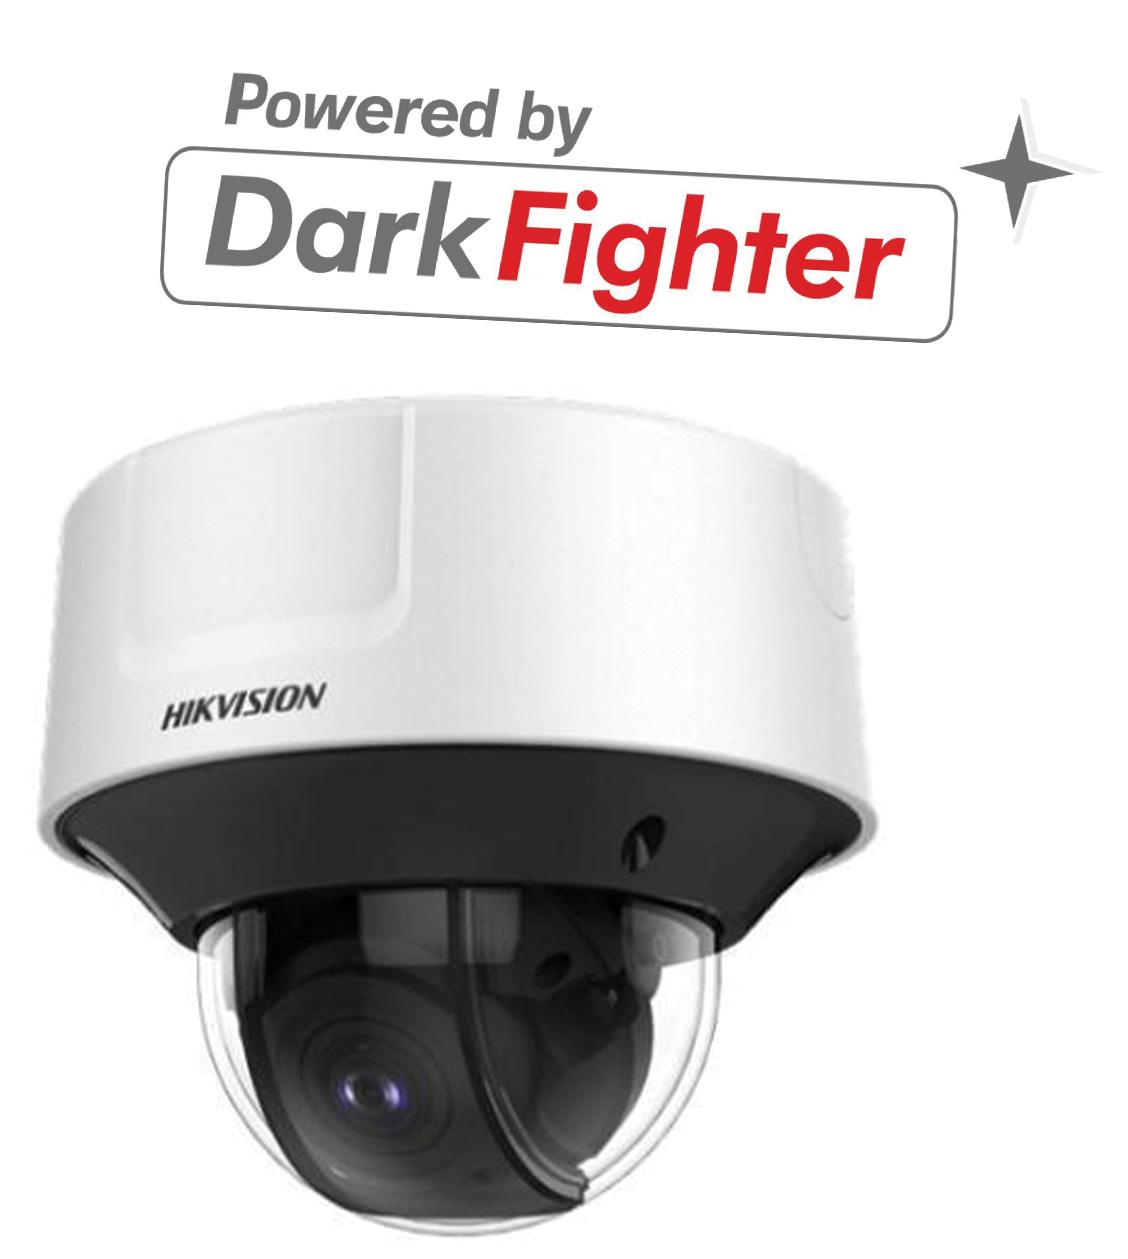 Hikvision-DS-2CD5546G1-IZHS28-12mm-IP-Dome-Ueberwachung-Kamera.jpg